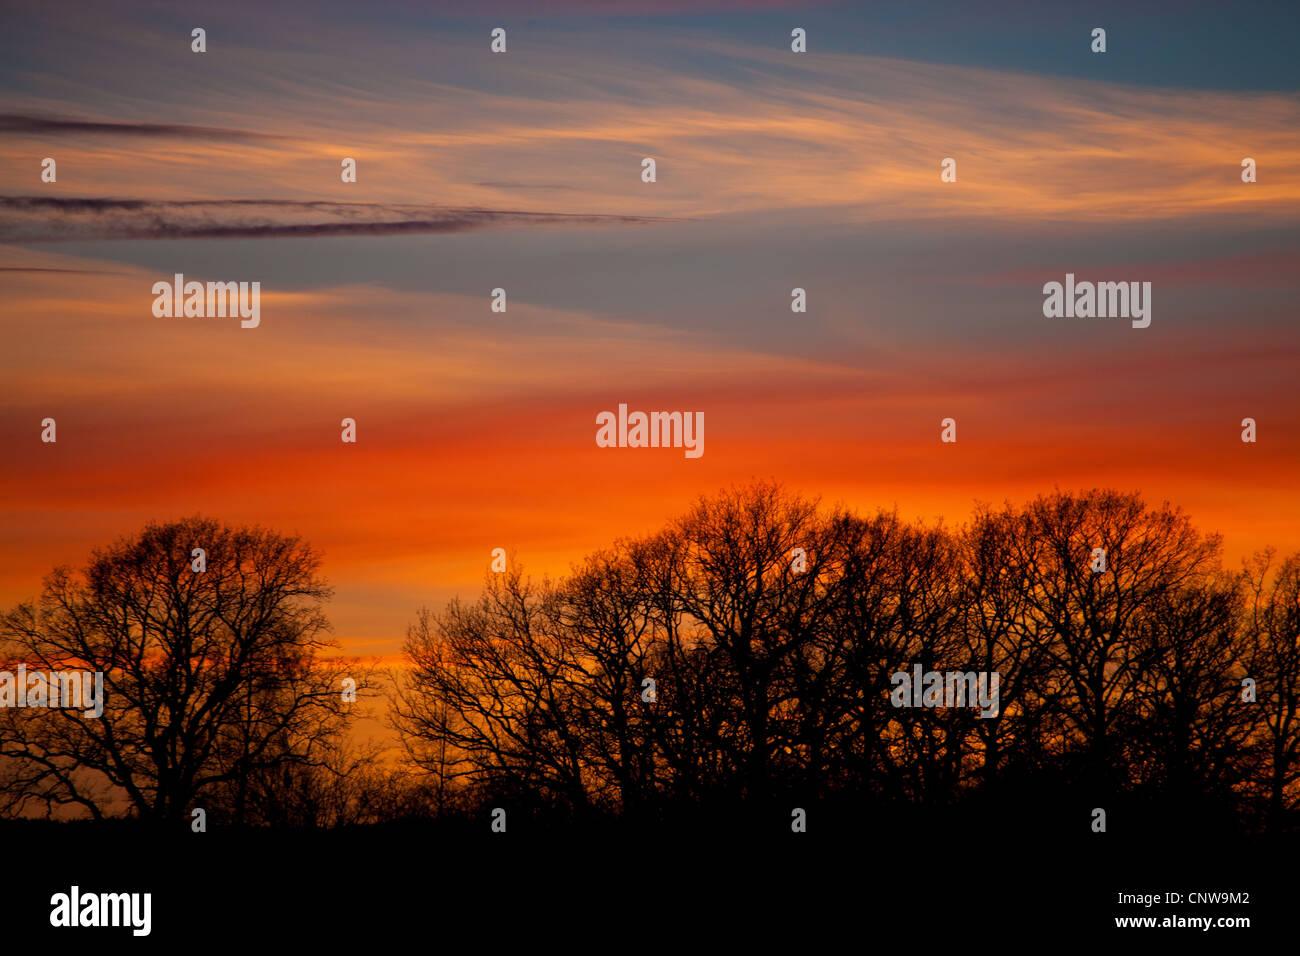 Bunter Abend-Himmel in der Abenddämmerung in Råde, Østfold Fylke, Norwegen. Stockbild